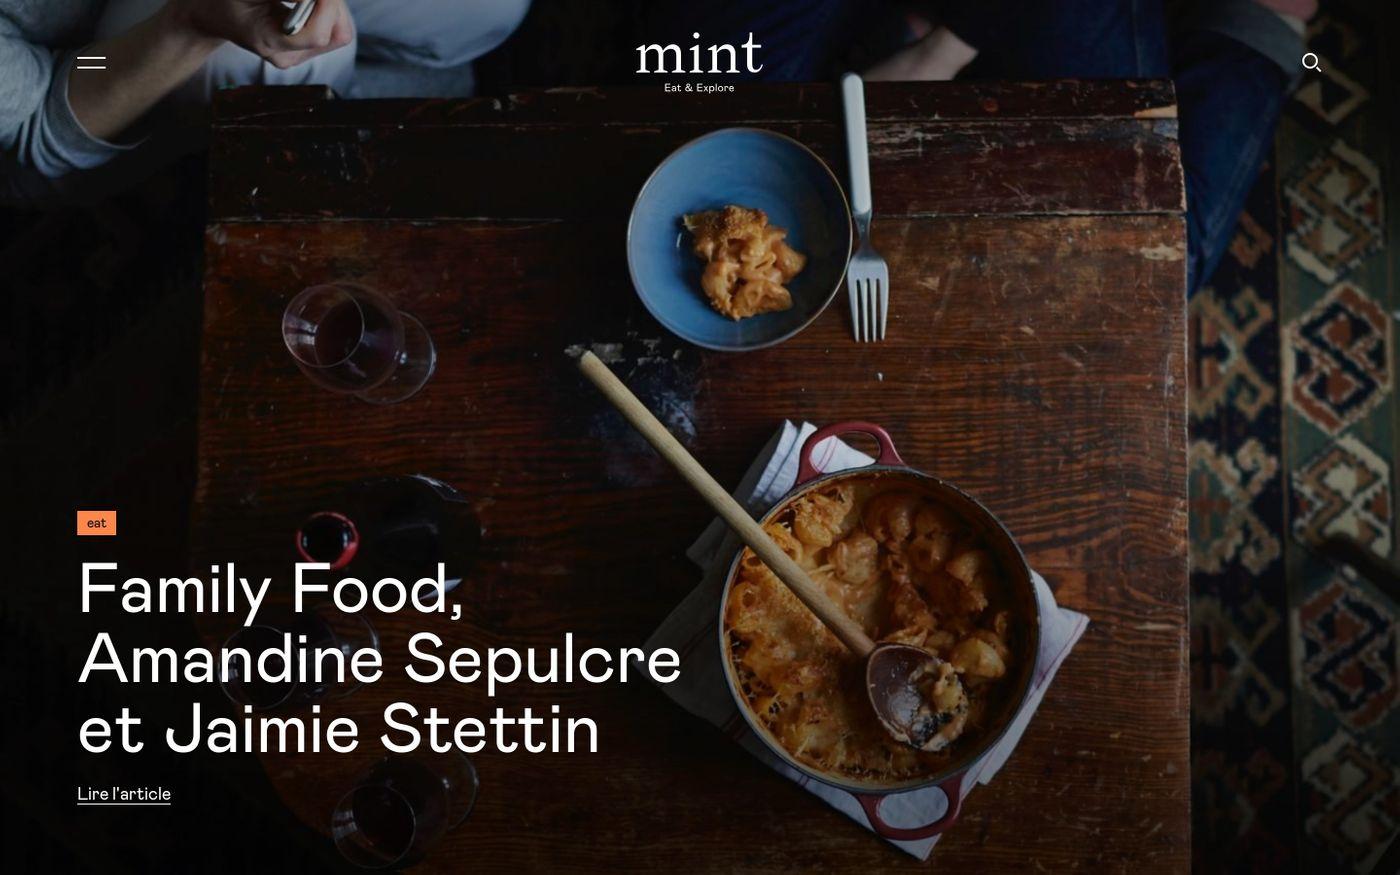 Screenshot of Mint Magazine website